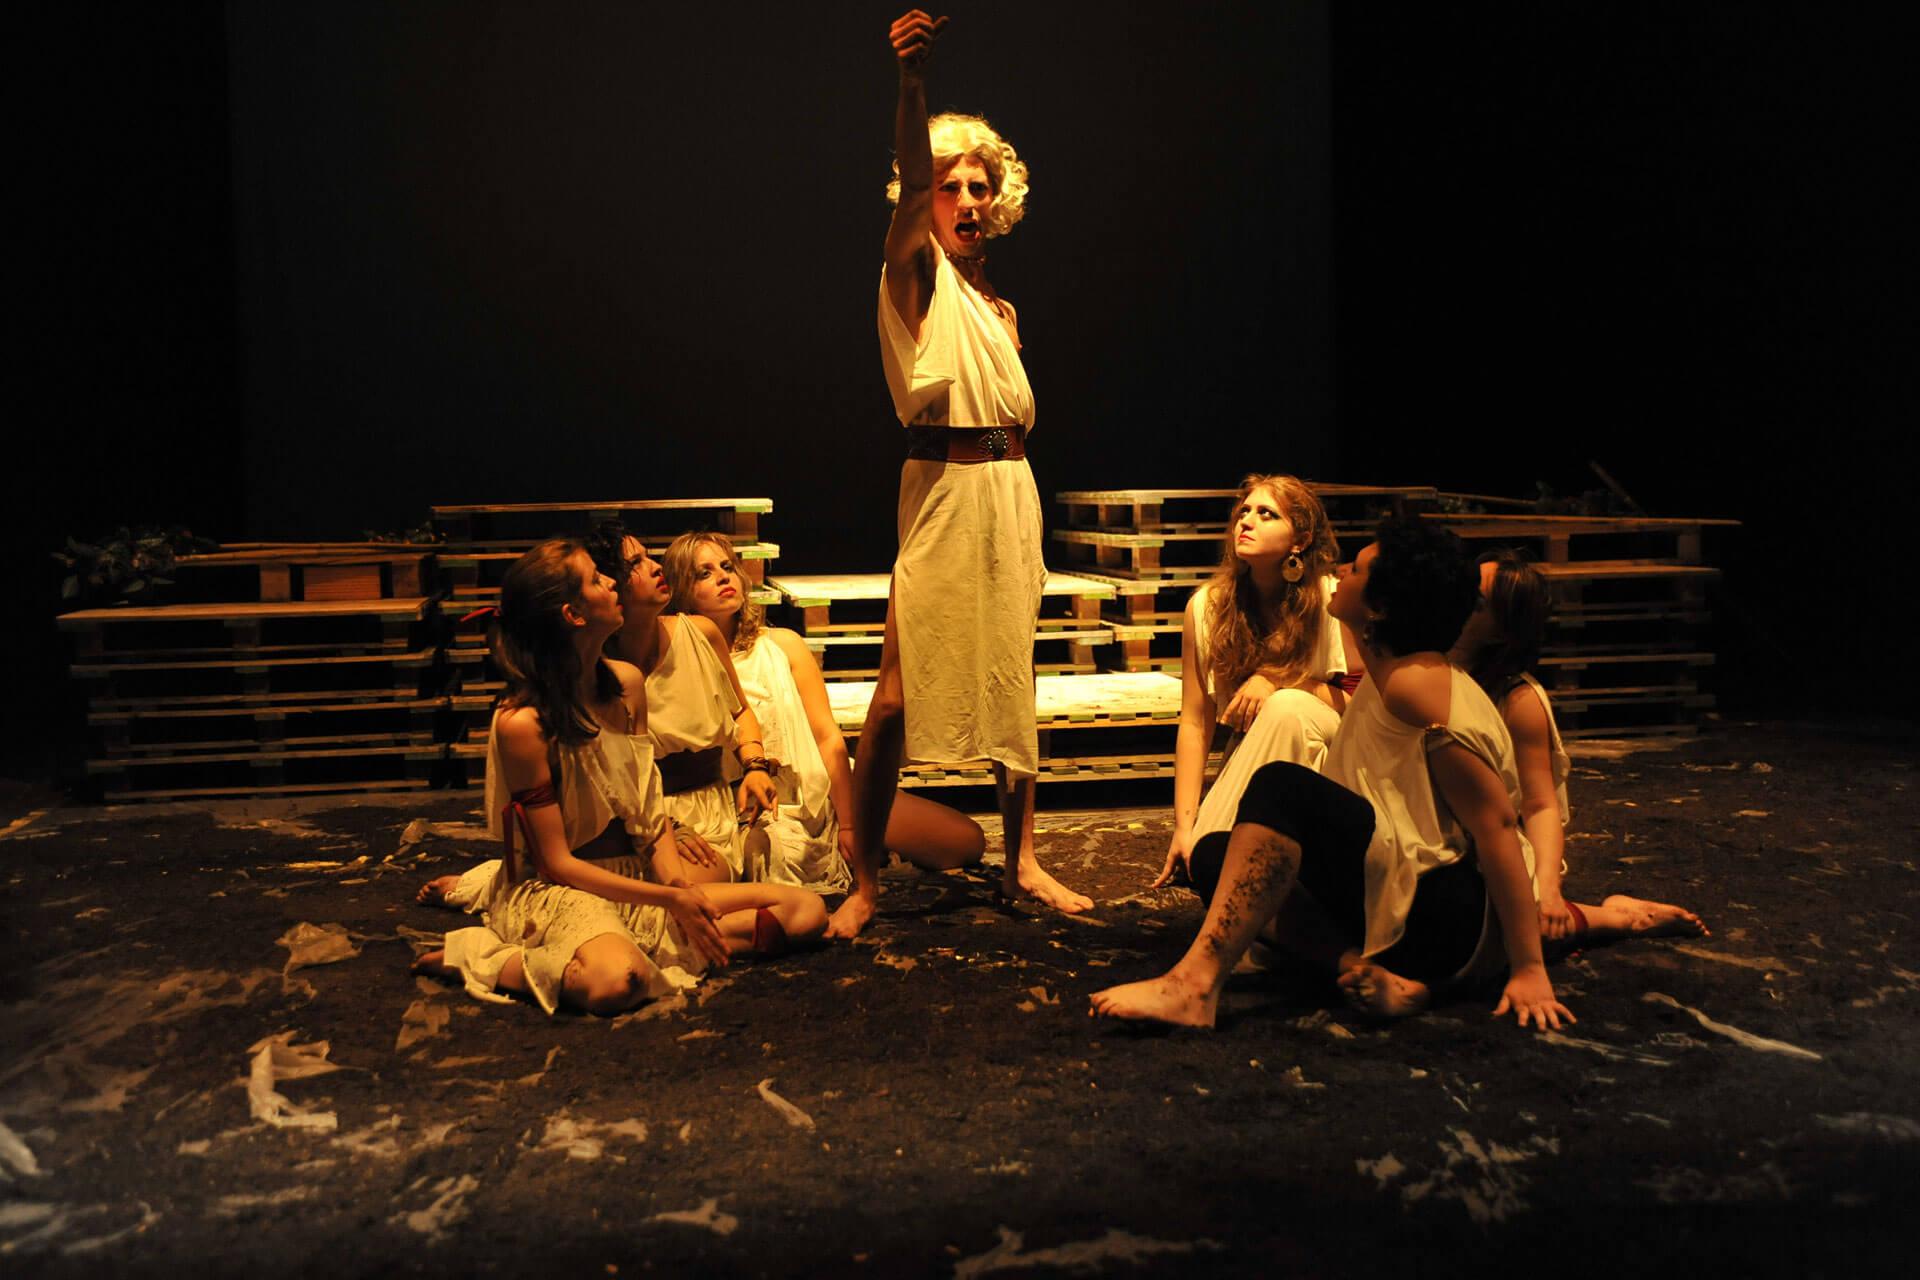 scuola-di-teatro-colli-troiane-baccanti-2010-2